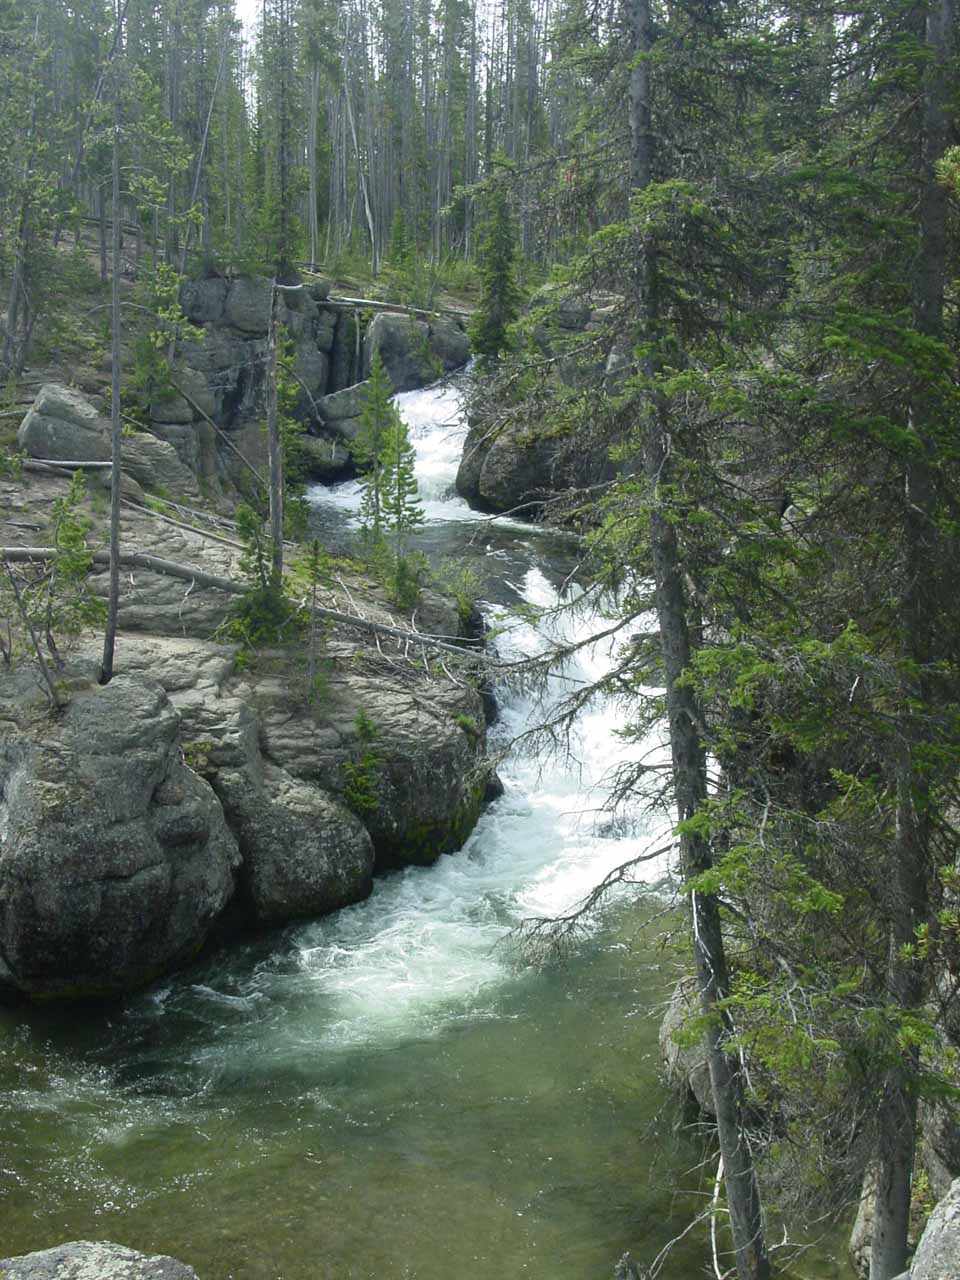 A different series of cascades on Cascade Creek